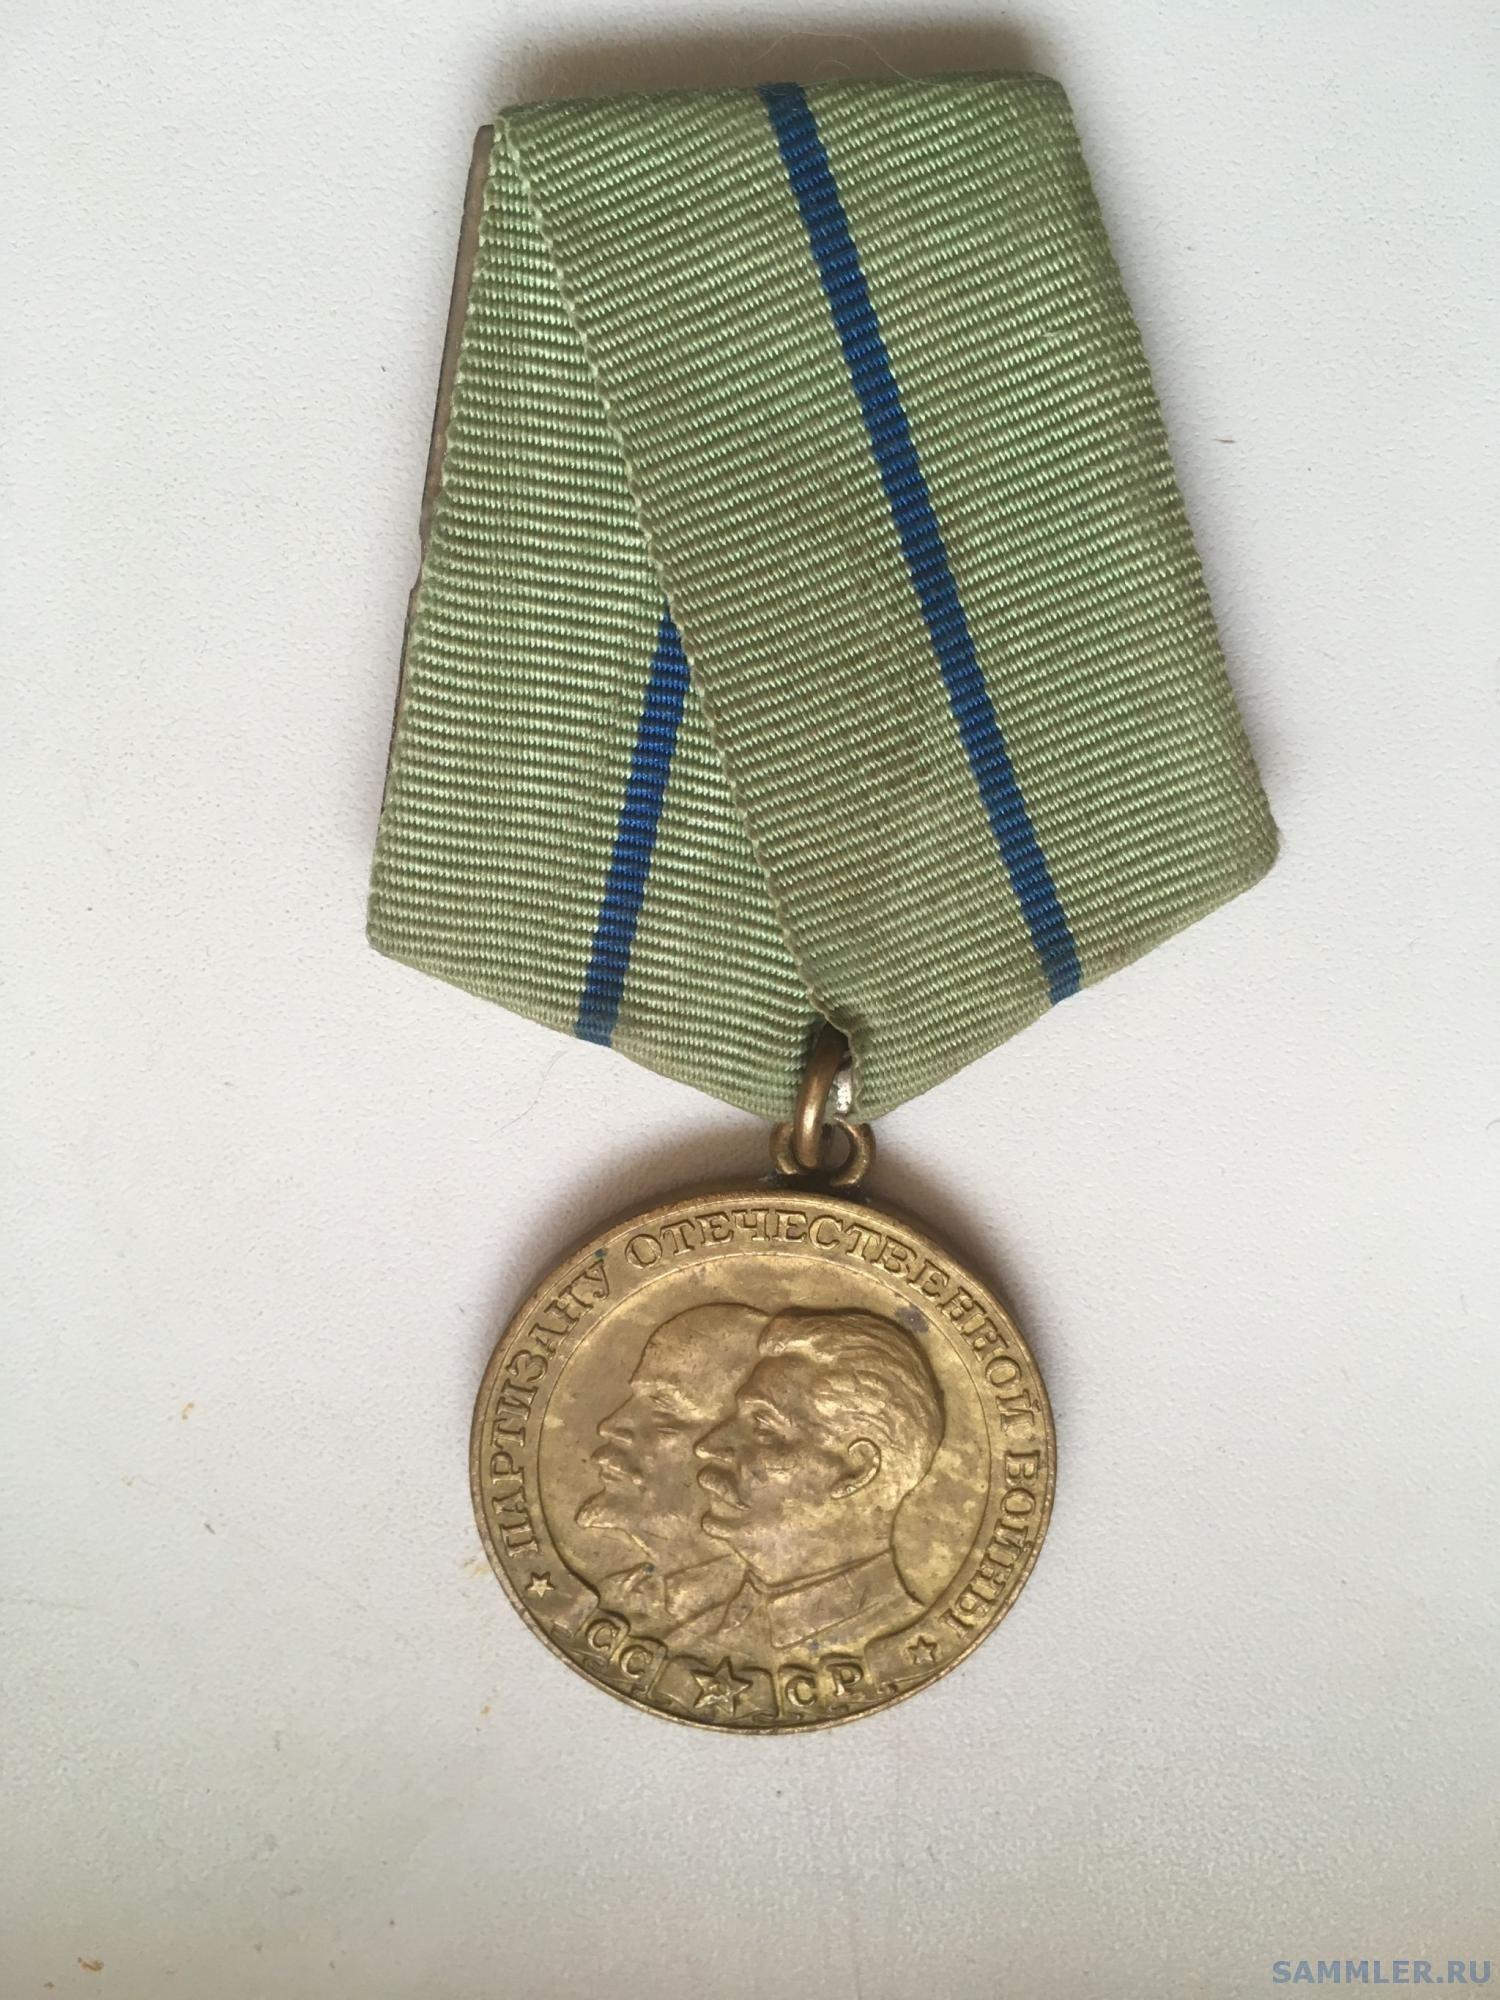 Медаль Партизану Отечественной Войны 2ст, родной сбор_1.jpg